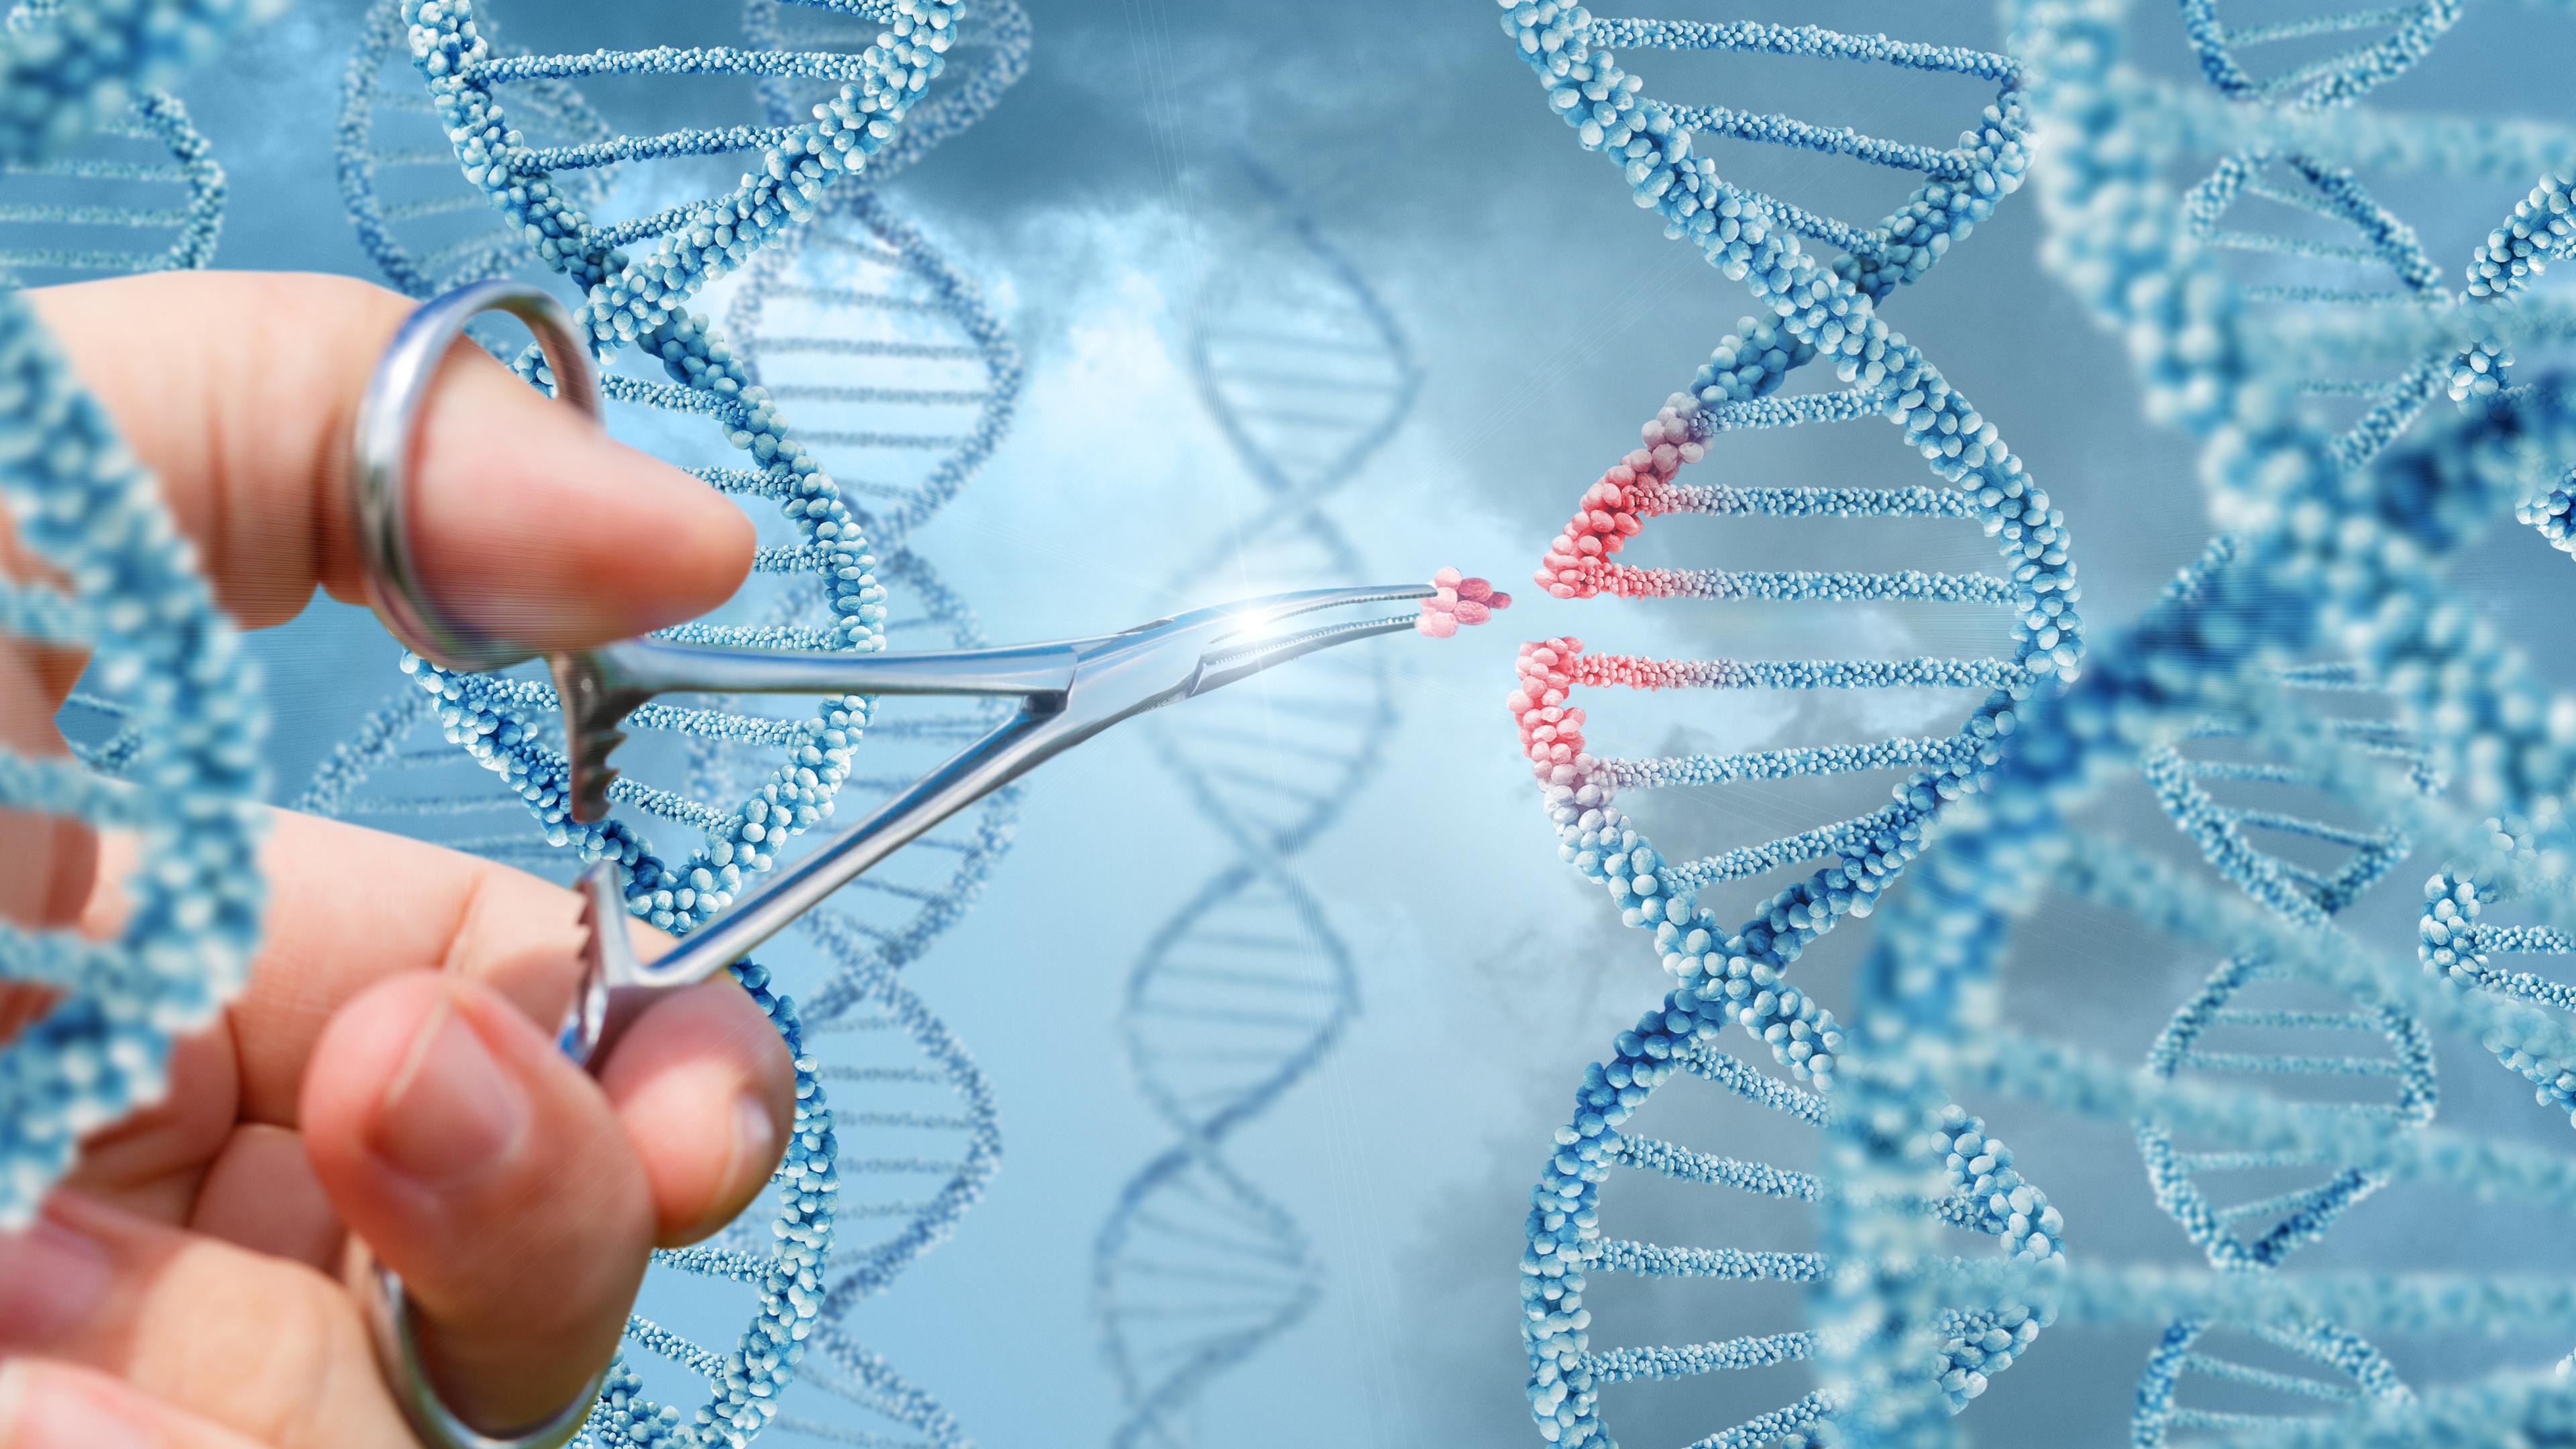 Новый этап в изучении и лечении шизофрении: генное редактирование с помощью CRISPR/Cas9